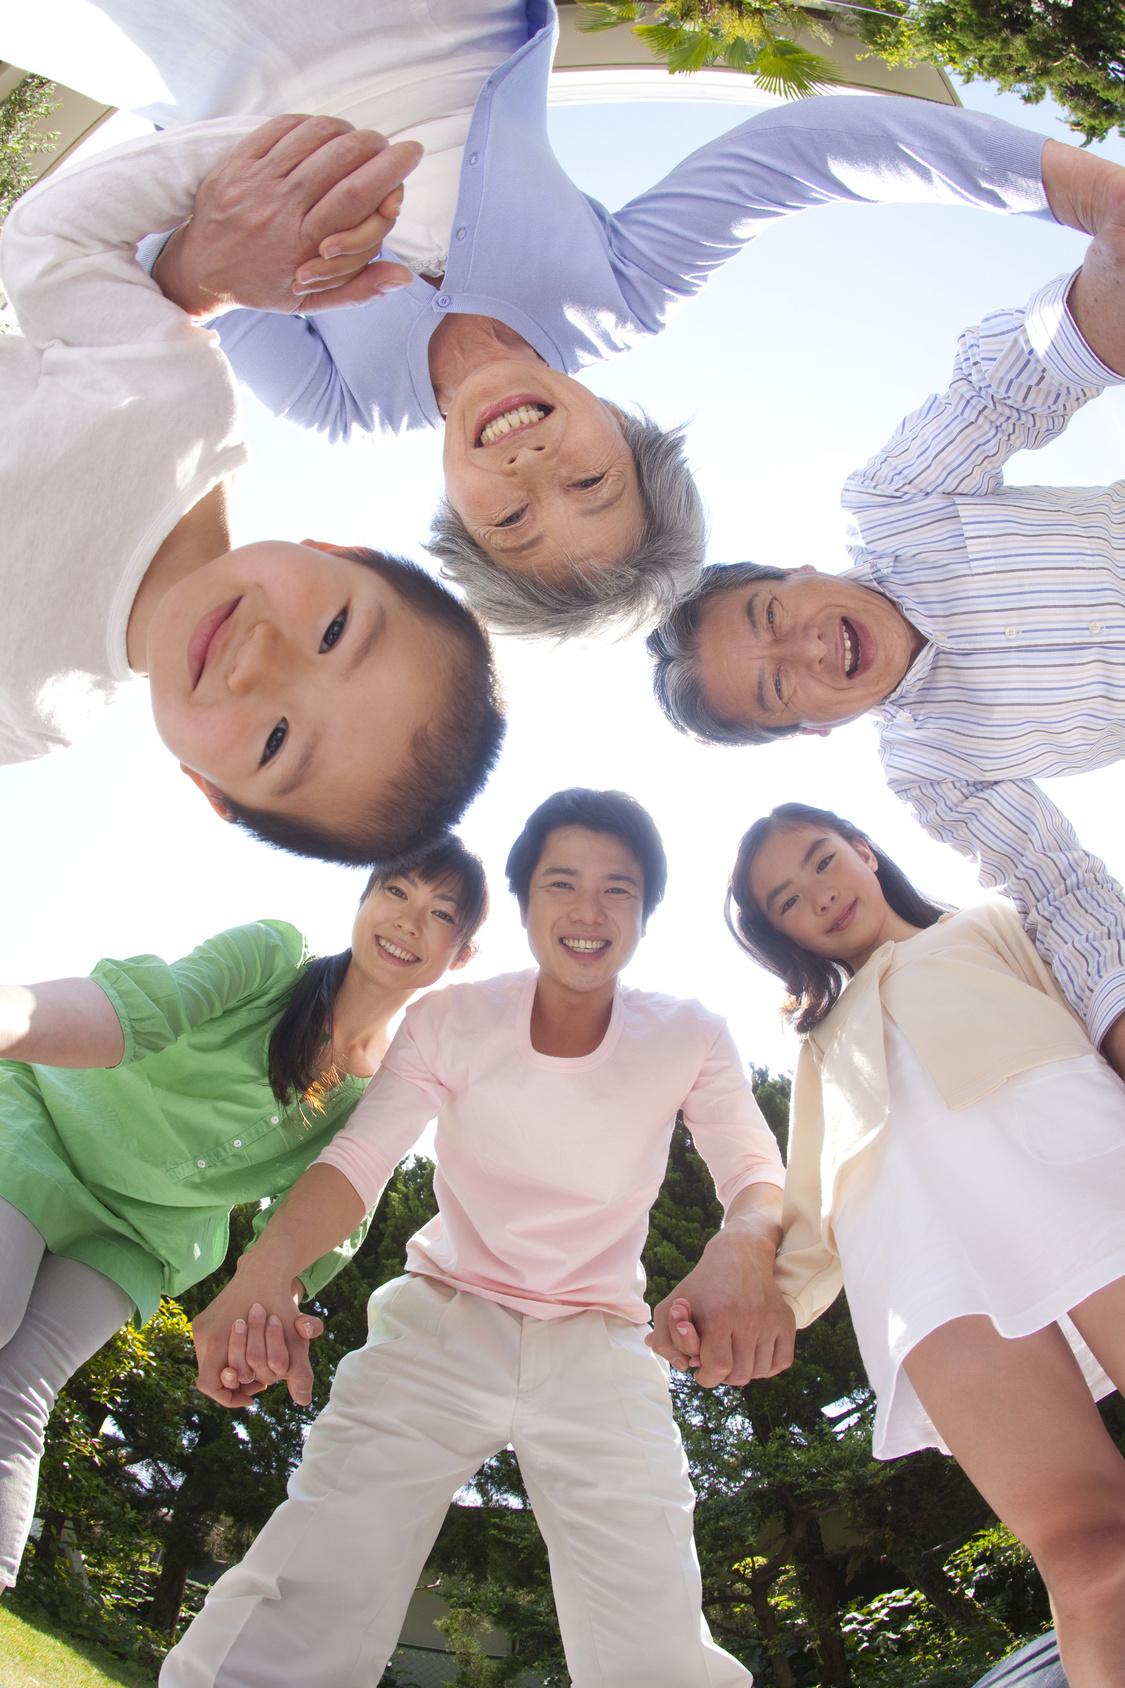 【女子小中学生の膨らんだ胸の画像 Part.1】  [転載禁止]©bbspink.comYouTube動画>22本 ニコニコ動画>1本 ->画像>276枚